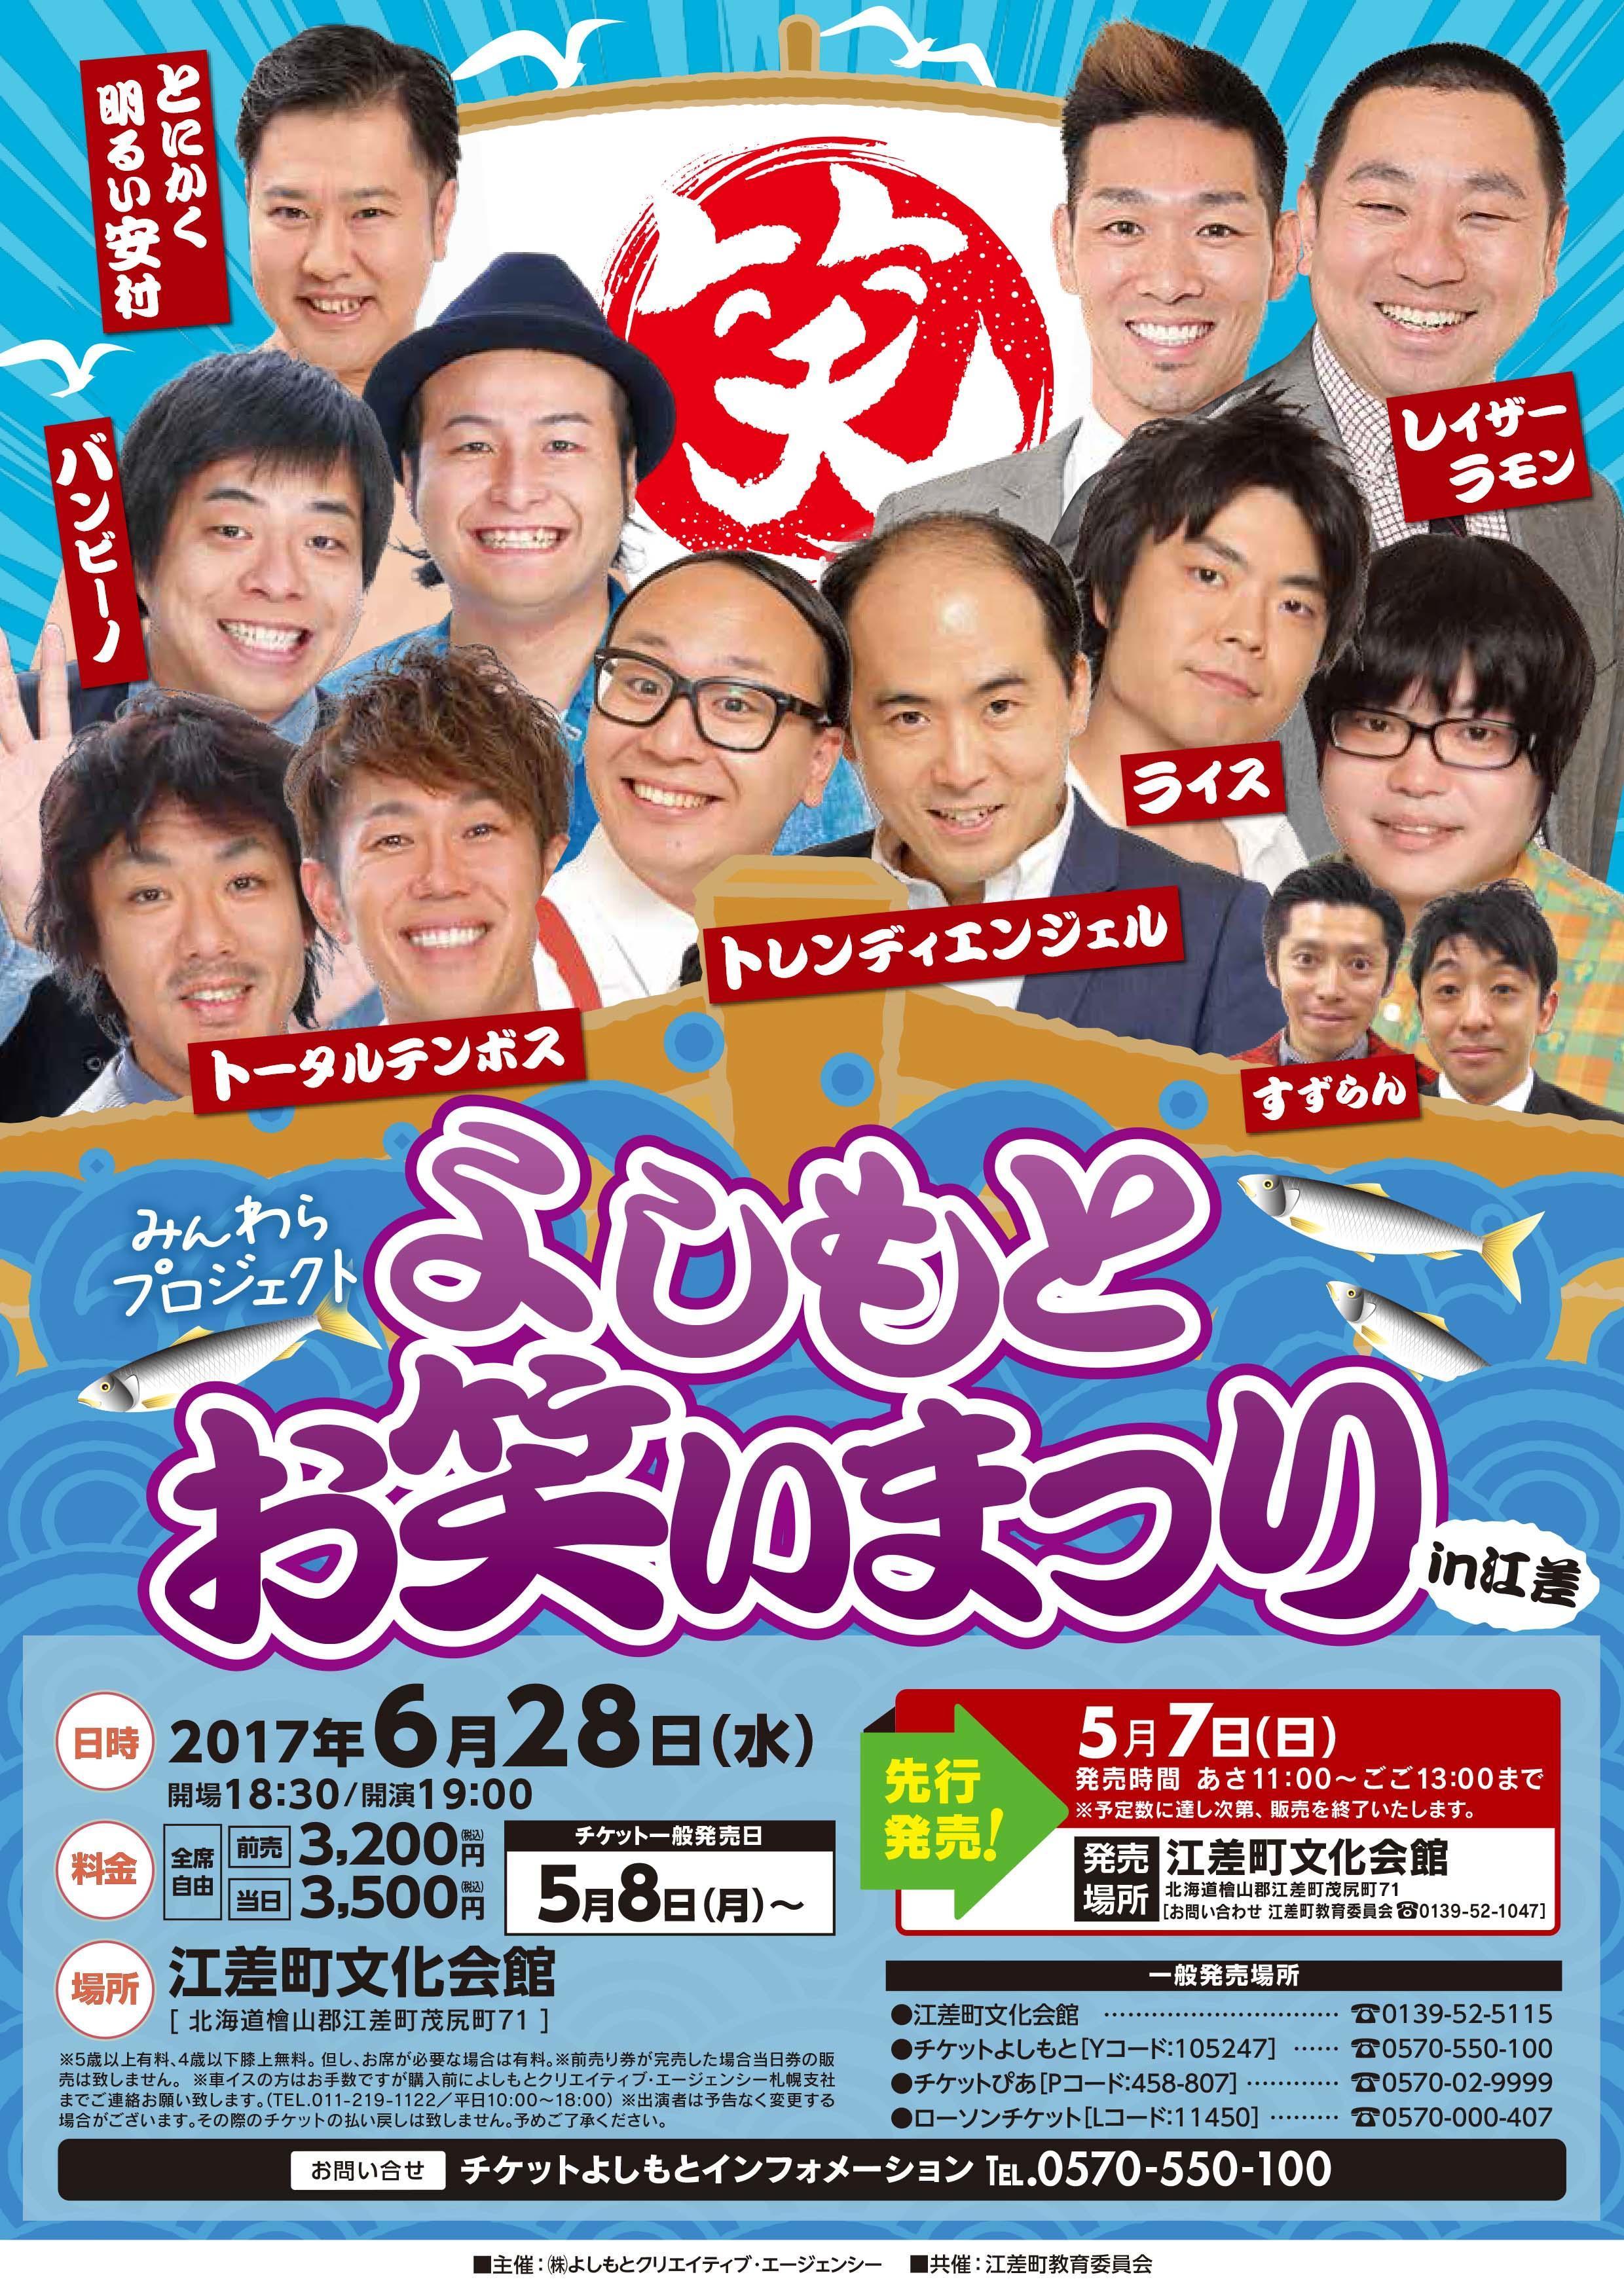 http://www.syumatsu.jp/20170509142037-3fc5df6bae638bd95a3827fb87908ddaa3fc5157.jpg